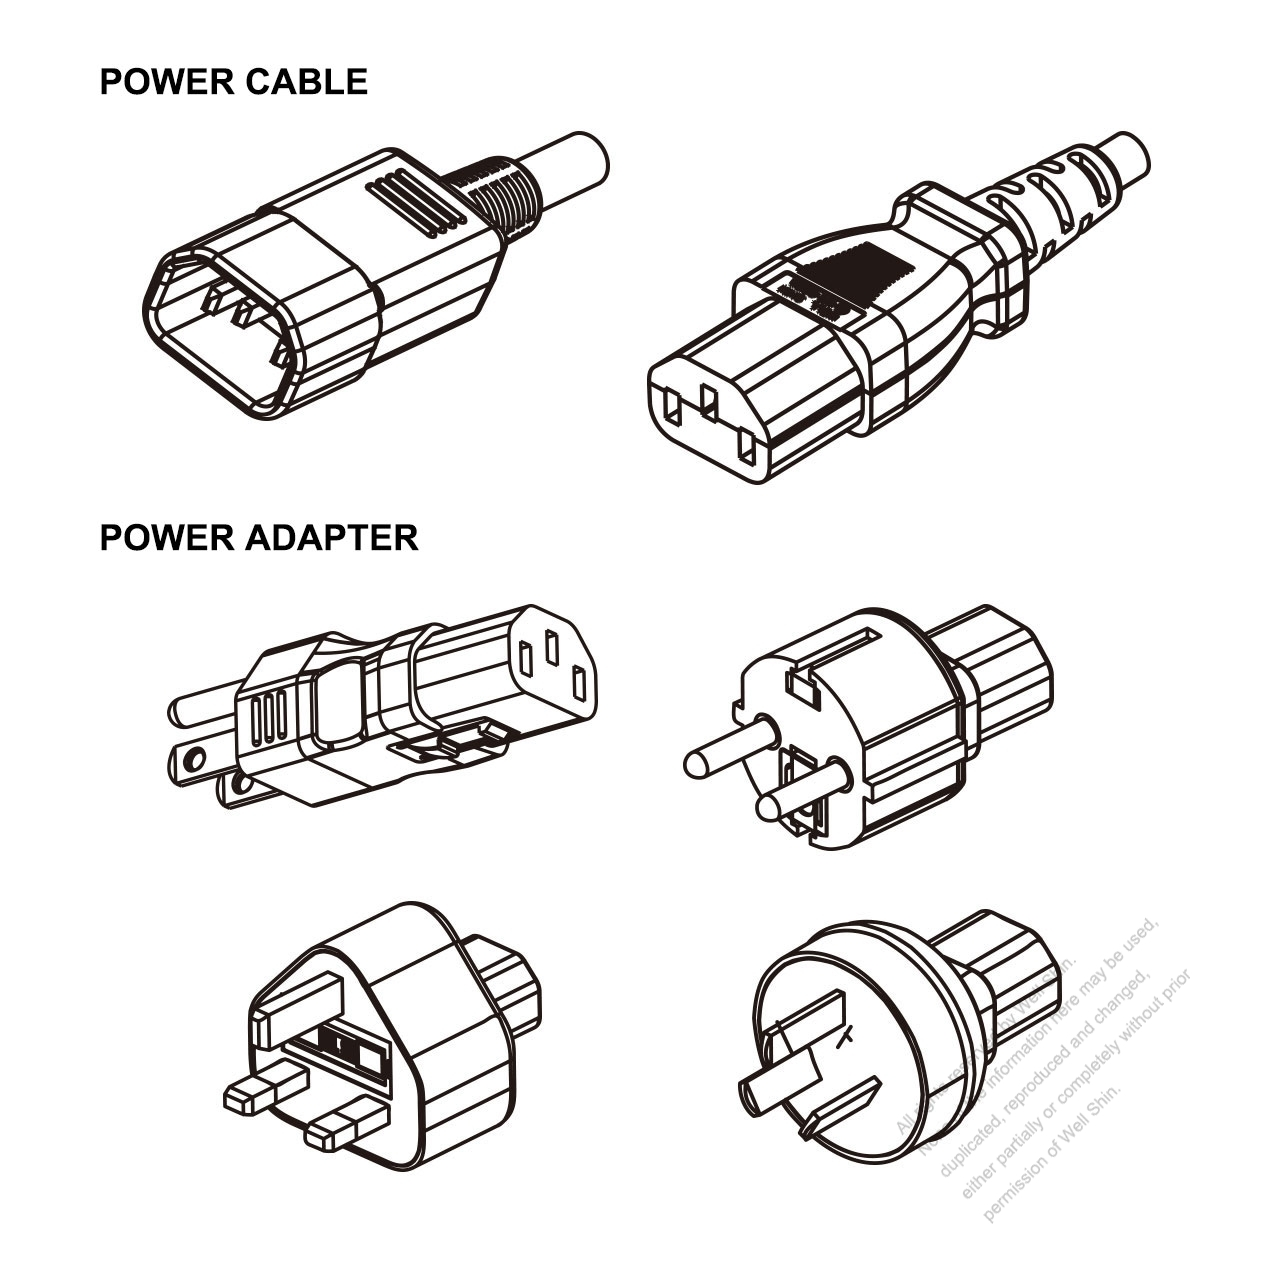 leviton 30a 125 250v plug wiring diagram 30a 250v twist